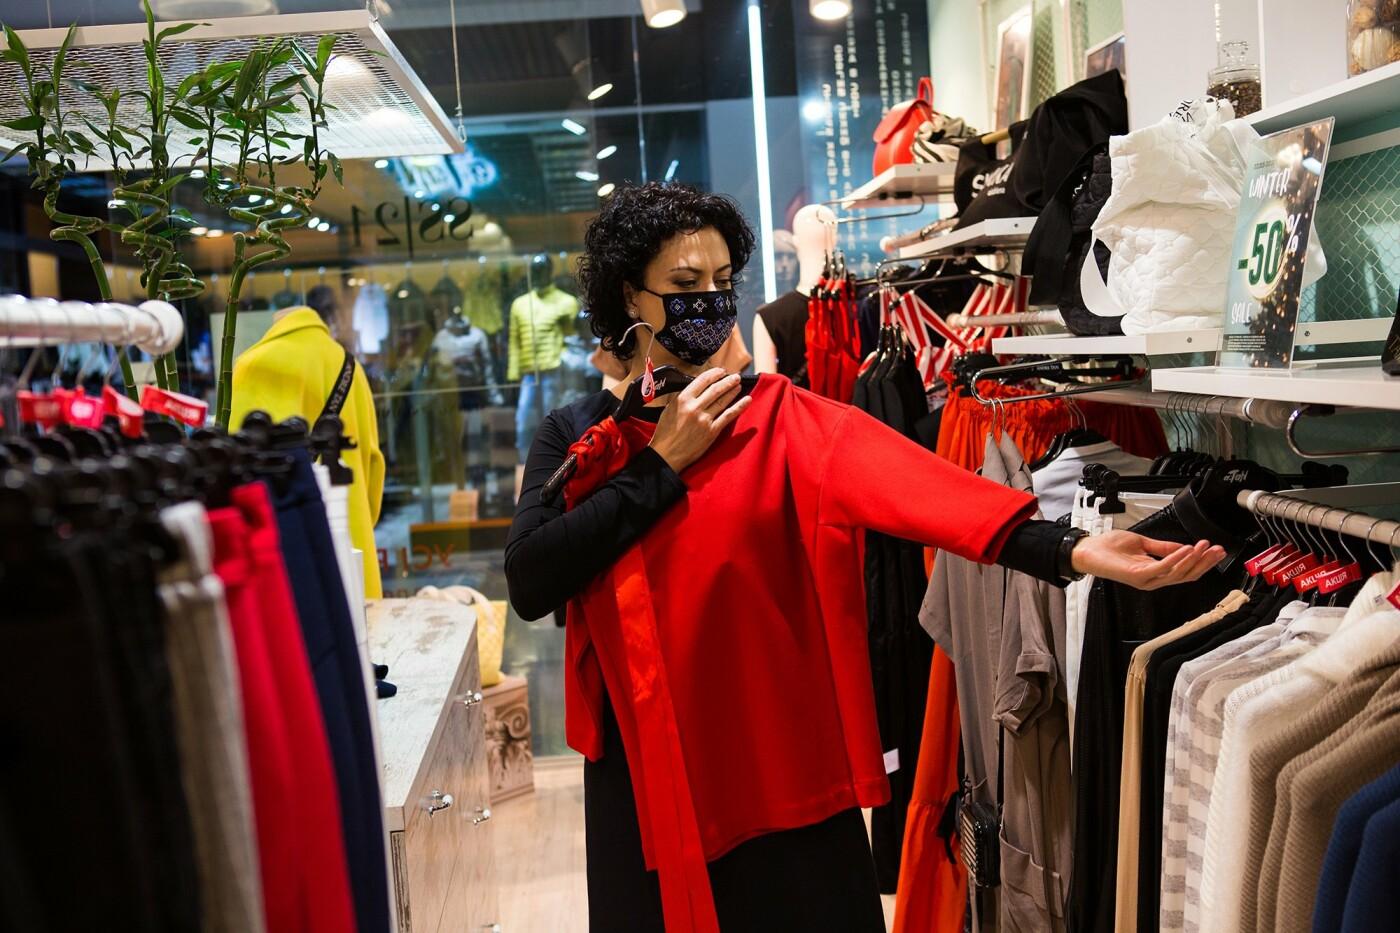 """Fashion&Profession: кто смог найти свой стиль в  ТРК """"Солнечная галерея""""  , фото-102"""